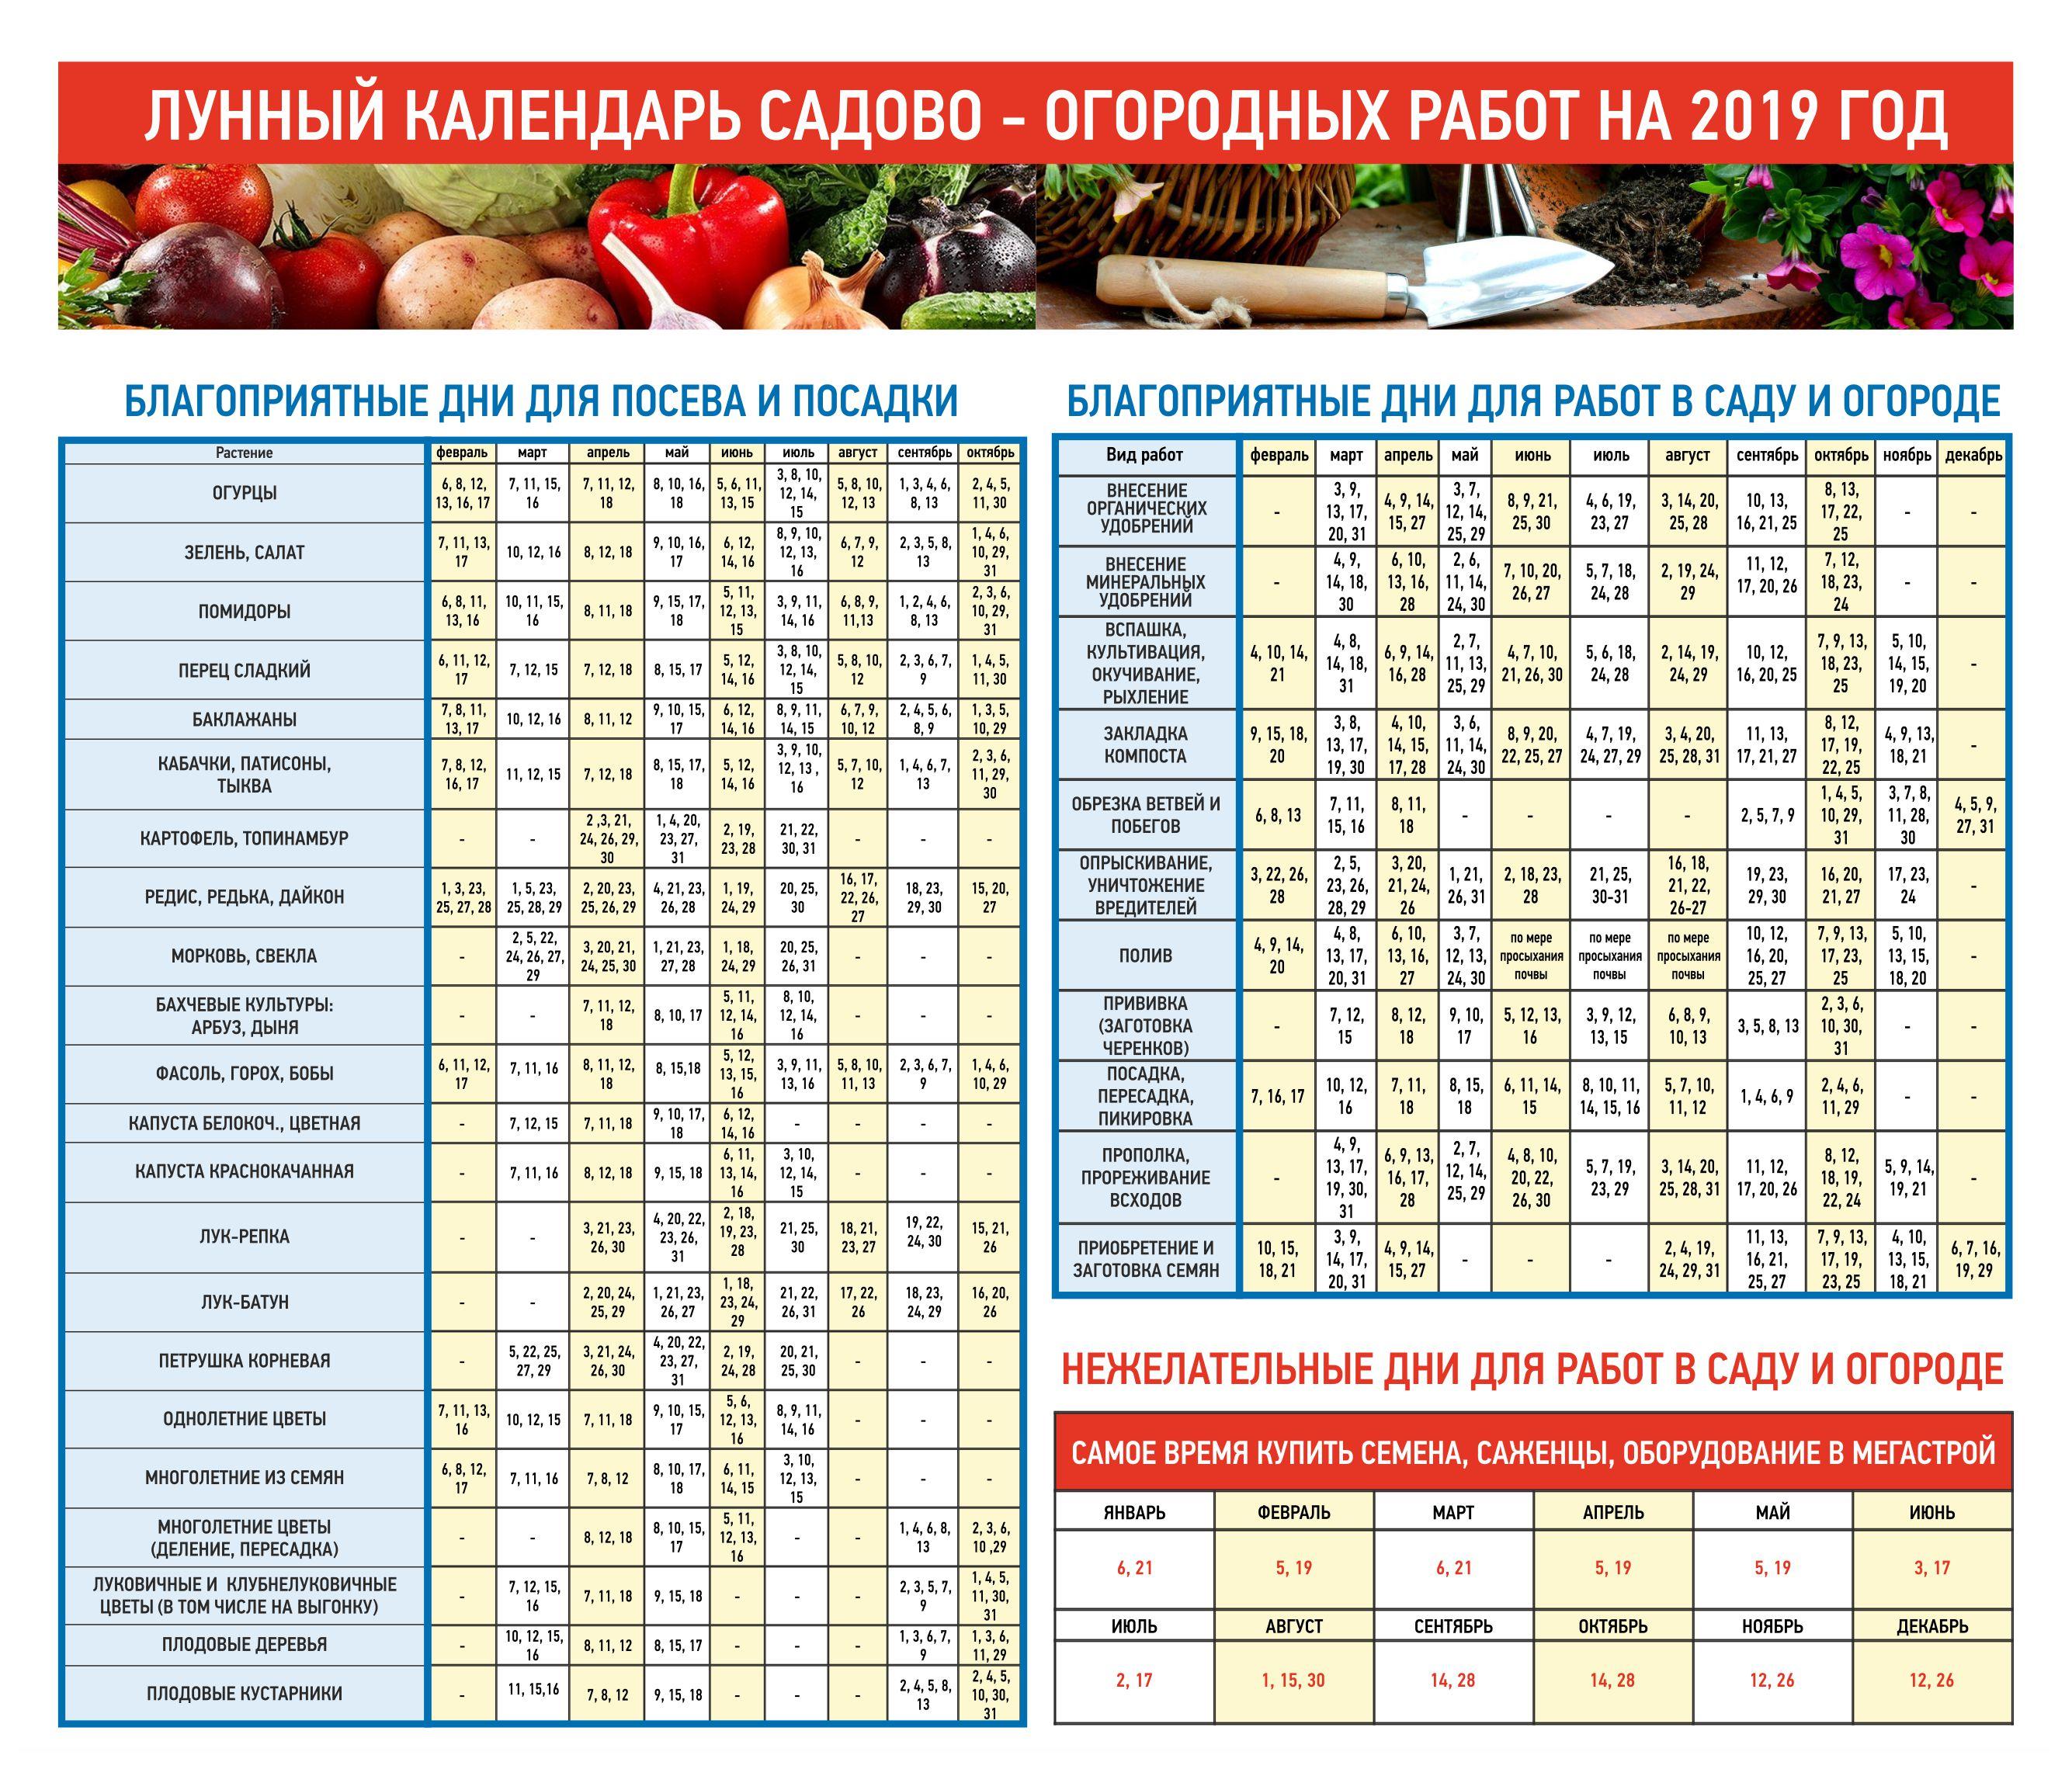 Лунный календарь садово-огородных работ на 2019 год